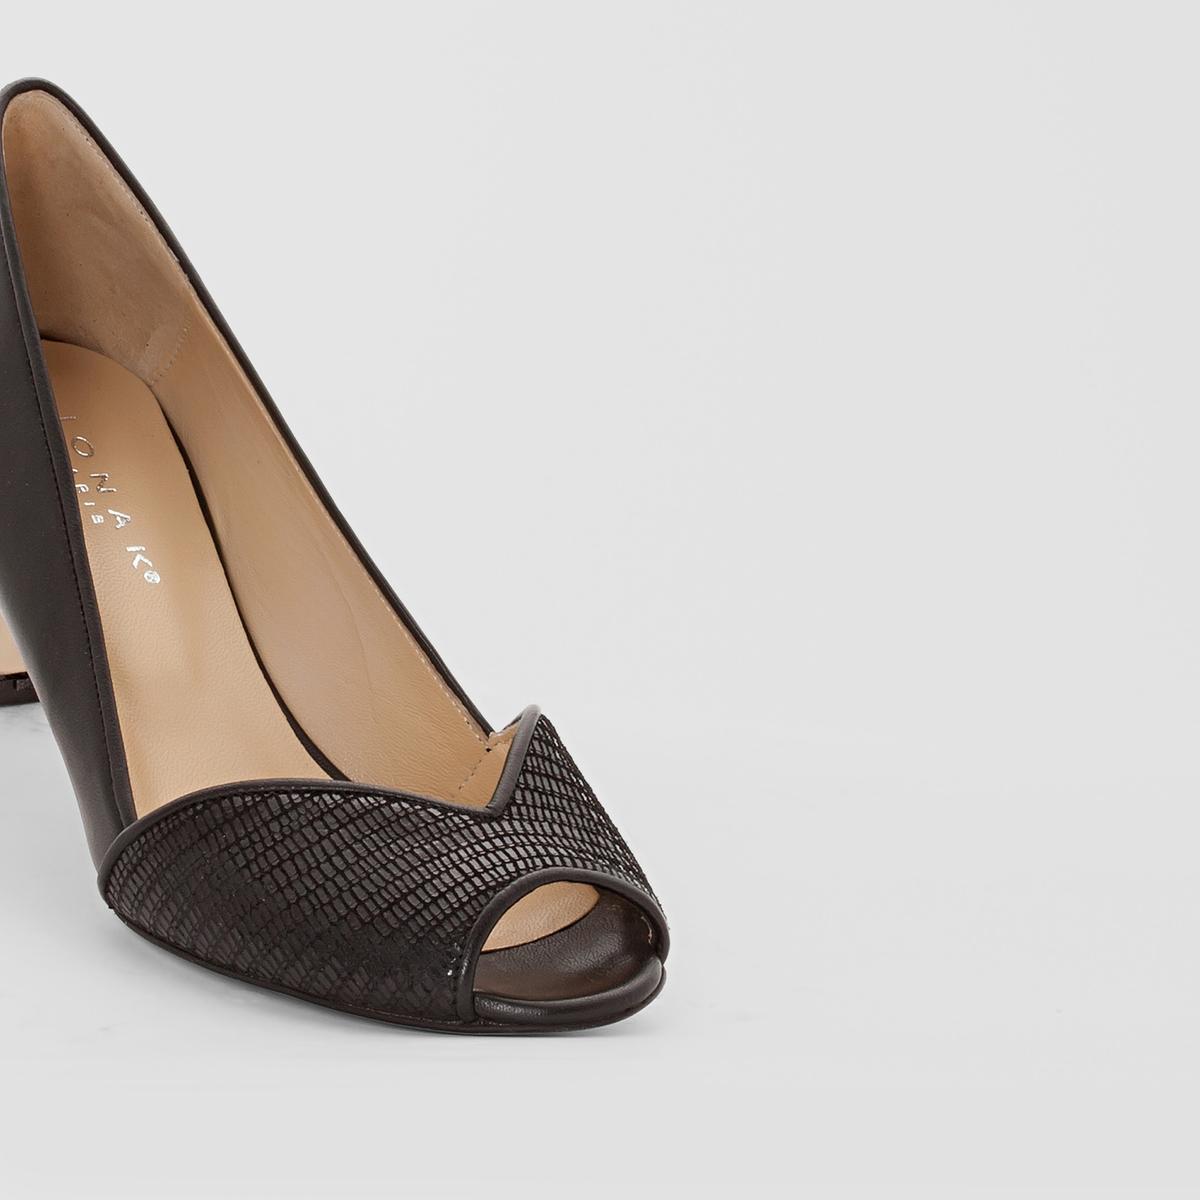 Туфли кожаные с открытым мыскомJONAKОткрытые кожаные туфли JONAKВерх : Кожа (яловичная)Подкладка : кожа Стелька : кожа Подошва : из эластомераВысота каблука : 4,5 смЗастежка : без застежки.Преимущества:   : Туфли JONAK с открытым мыском делают ставку на элегантность за счёт сочетания двух неброских материалов и на сдержанность благодаря каблукам средней высоты.<br><br>Цвет: черный<br>Размер: 36